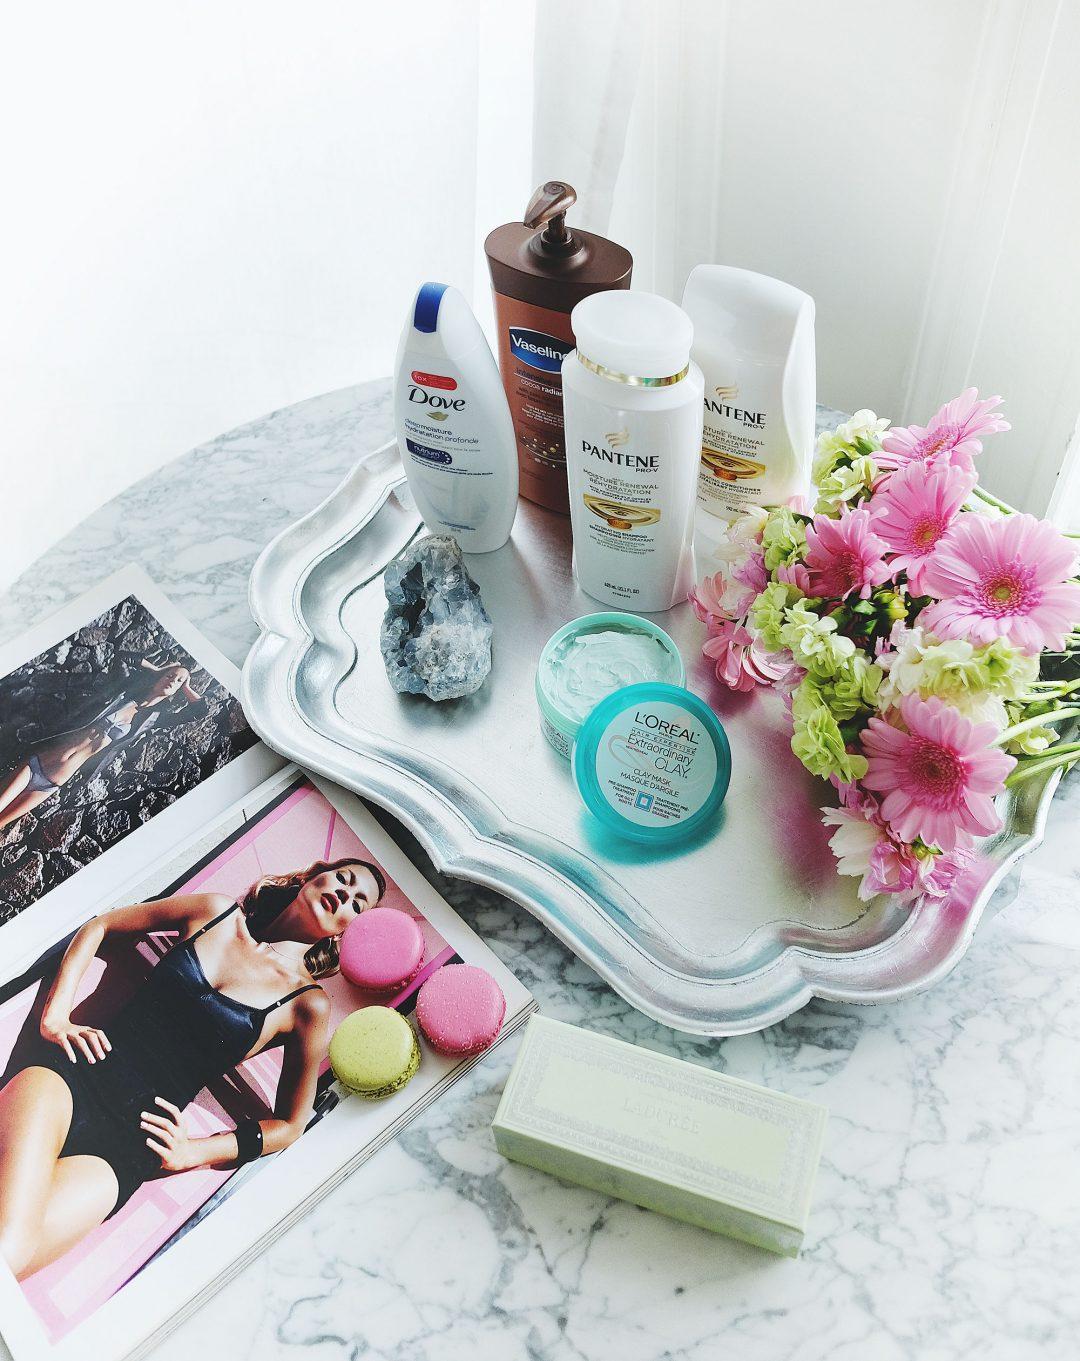 Best drugstore beauty picks, best drugstore shampoo, best drugstore conditioner, best drugstore face mask, best drugstore body lotion, best drugstore shower gel, shoppers drug mart